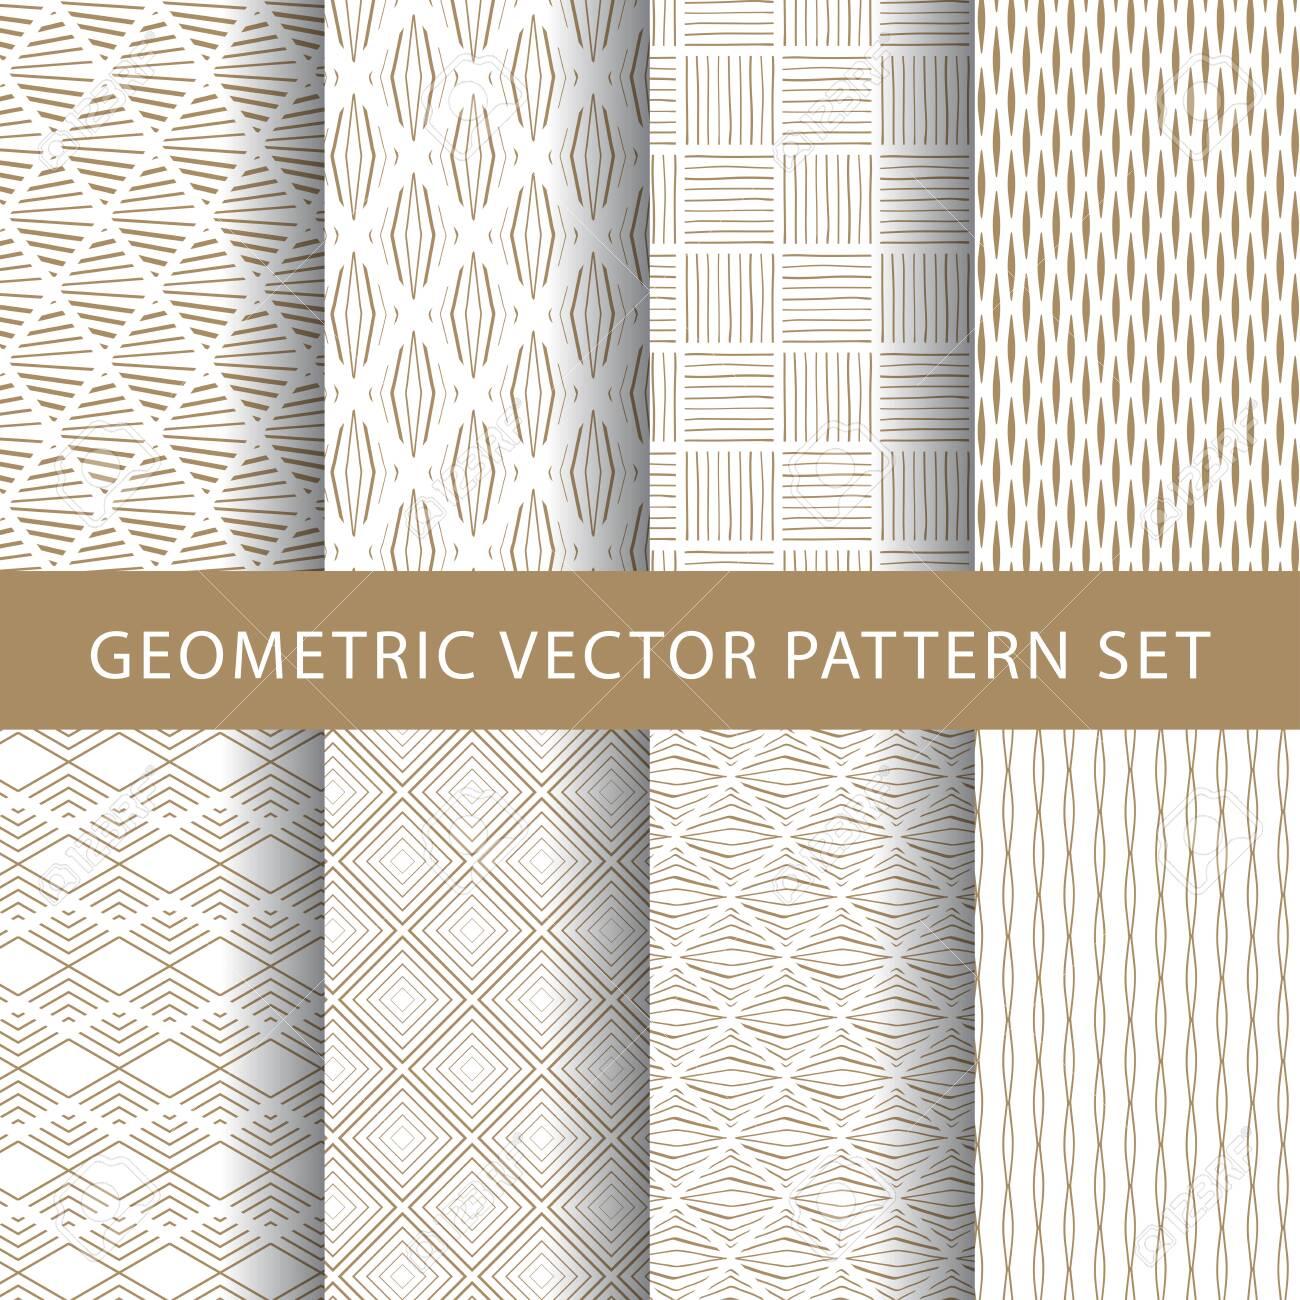 Luxury vector vintage pattern pack - 134585011